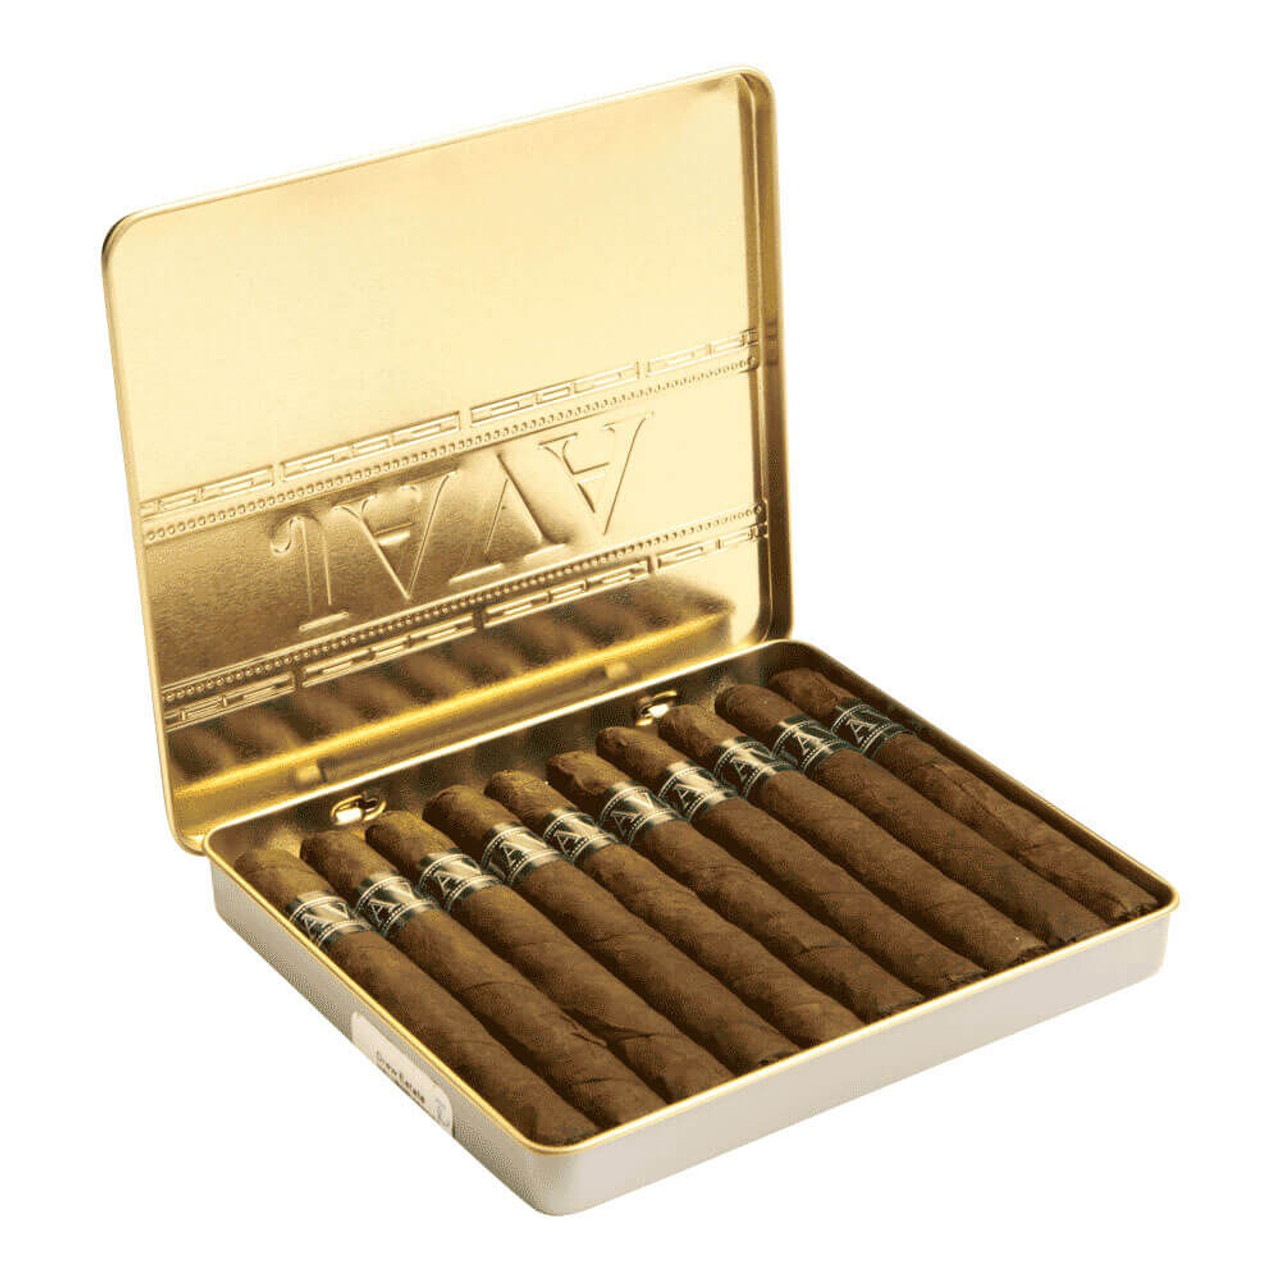 Rocky Patel Java Mint X Press Tin Cigars - 4 x 32 (5 Tins of 10 (50 total))